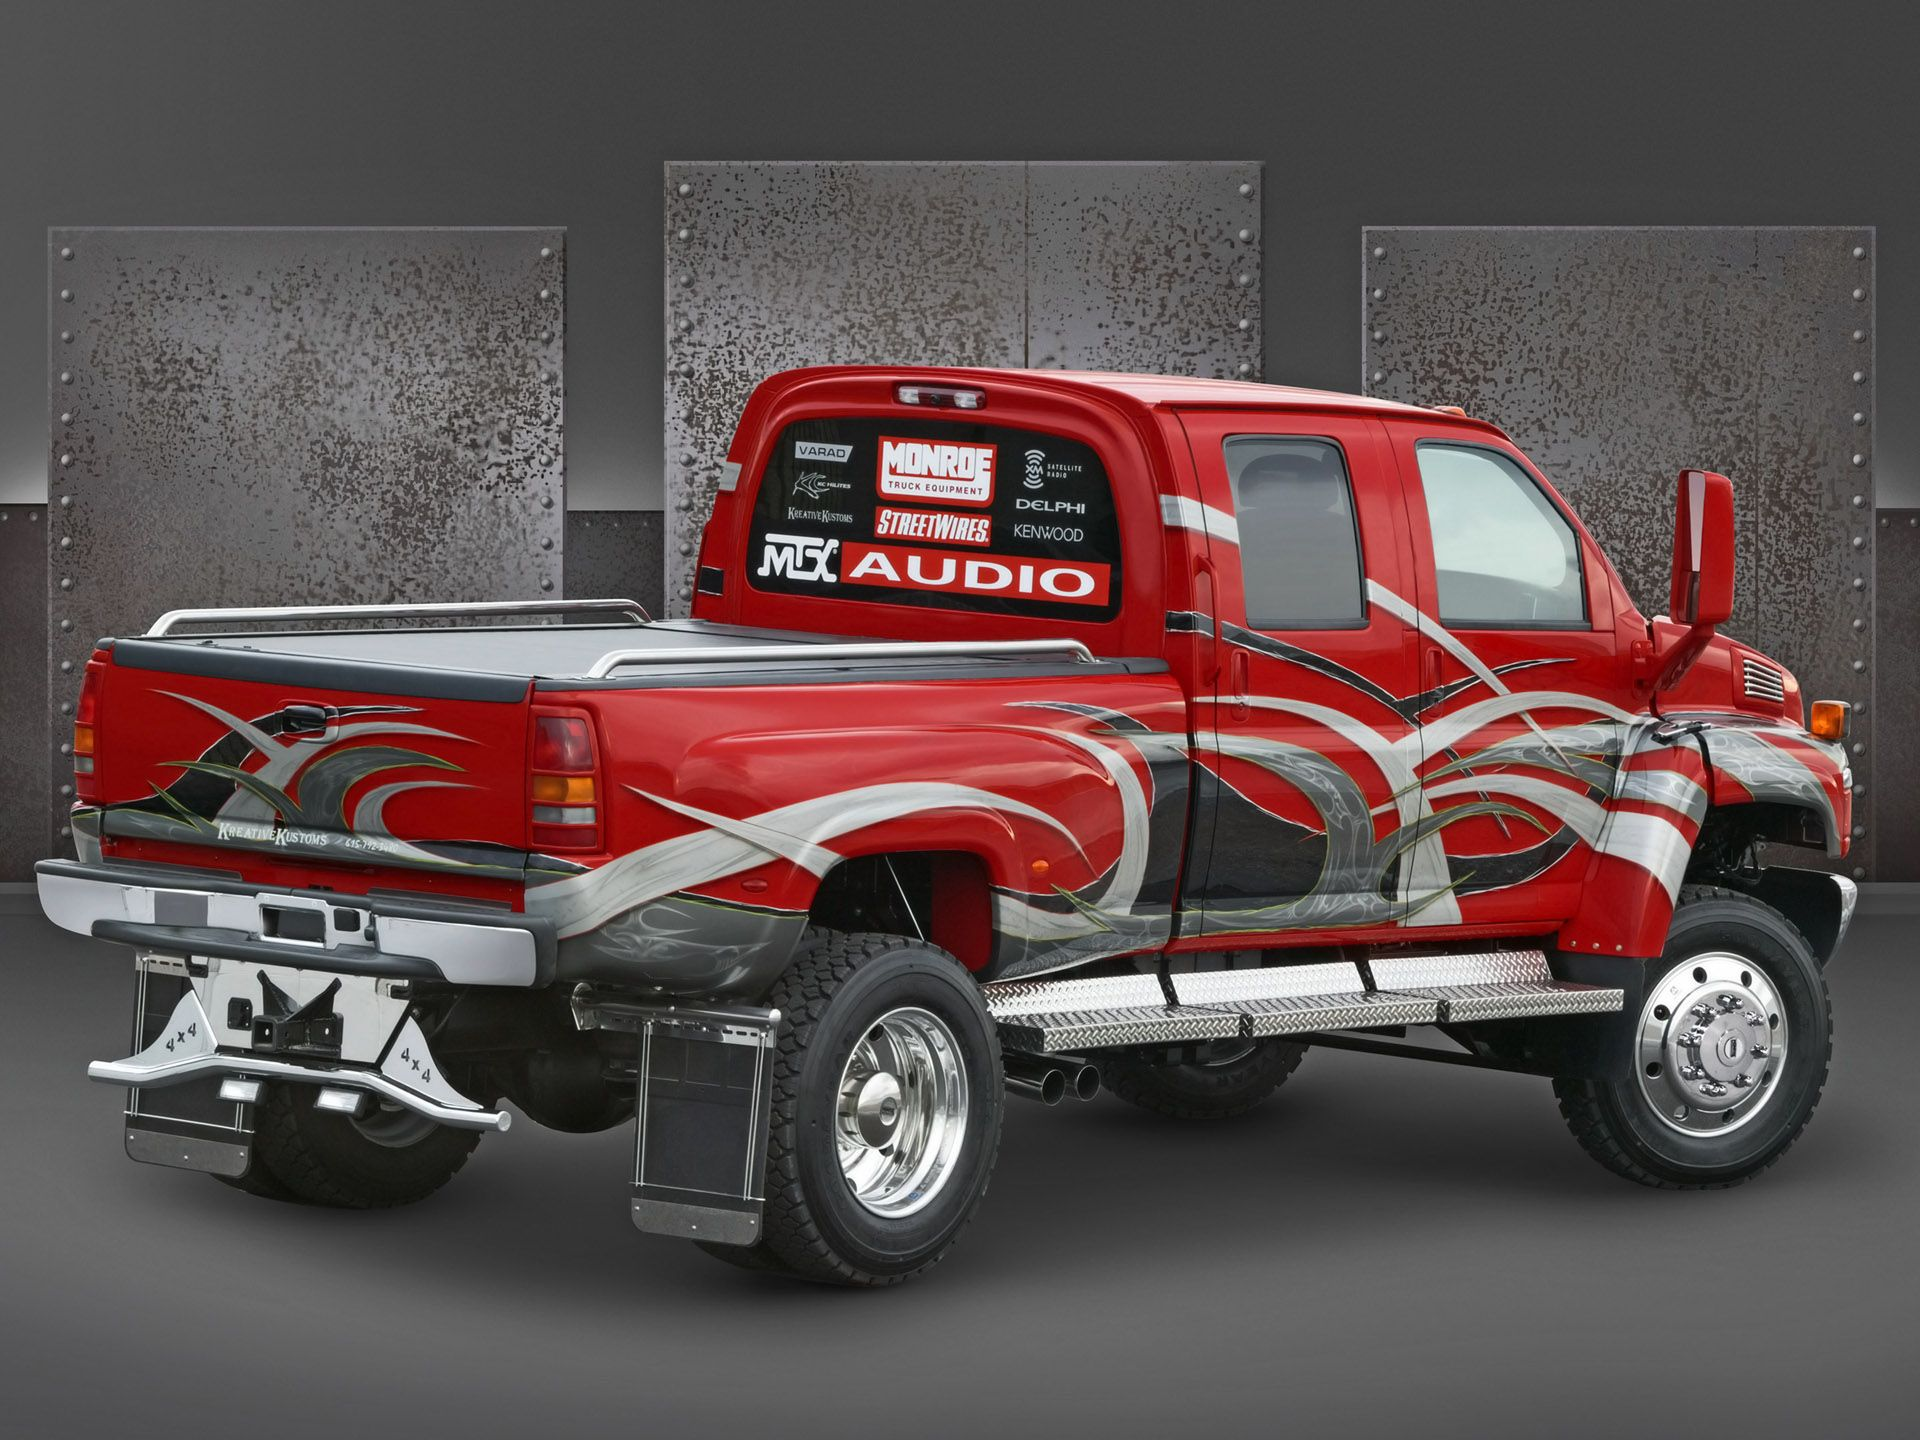 2005 chevrolet c4500 medium duty truck at sema rear angle trucks Suburban Ford 2005 chevrolet c4500 medium duty truck at sema rear angle